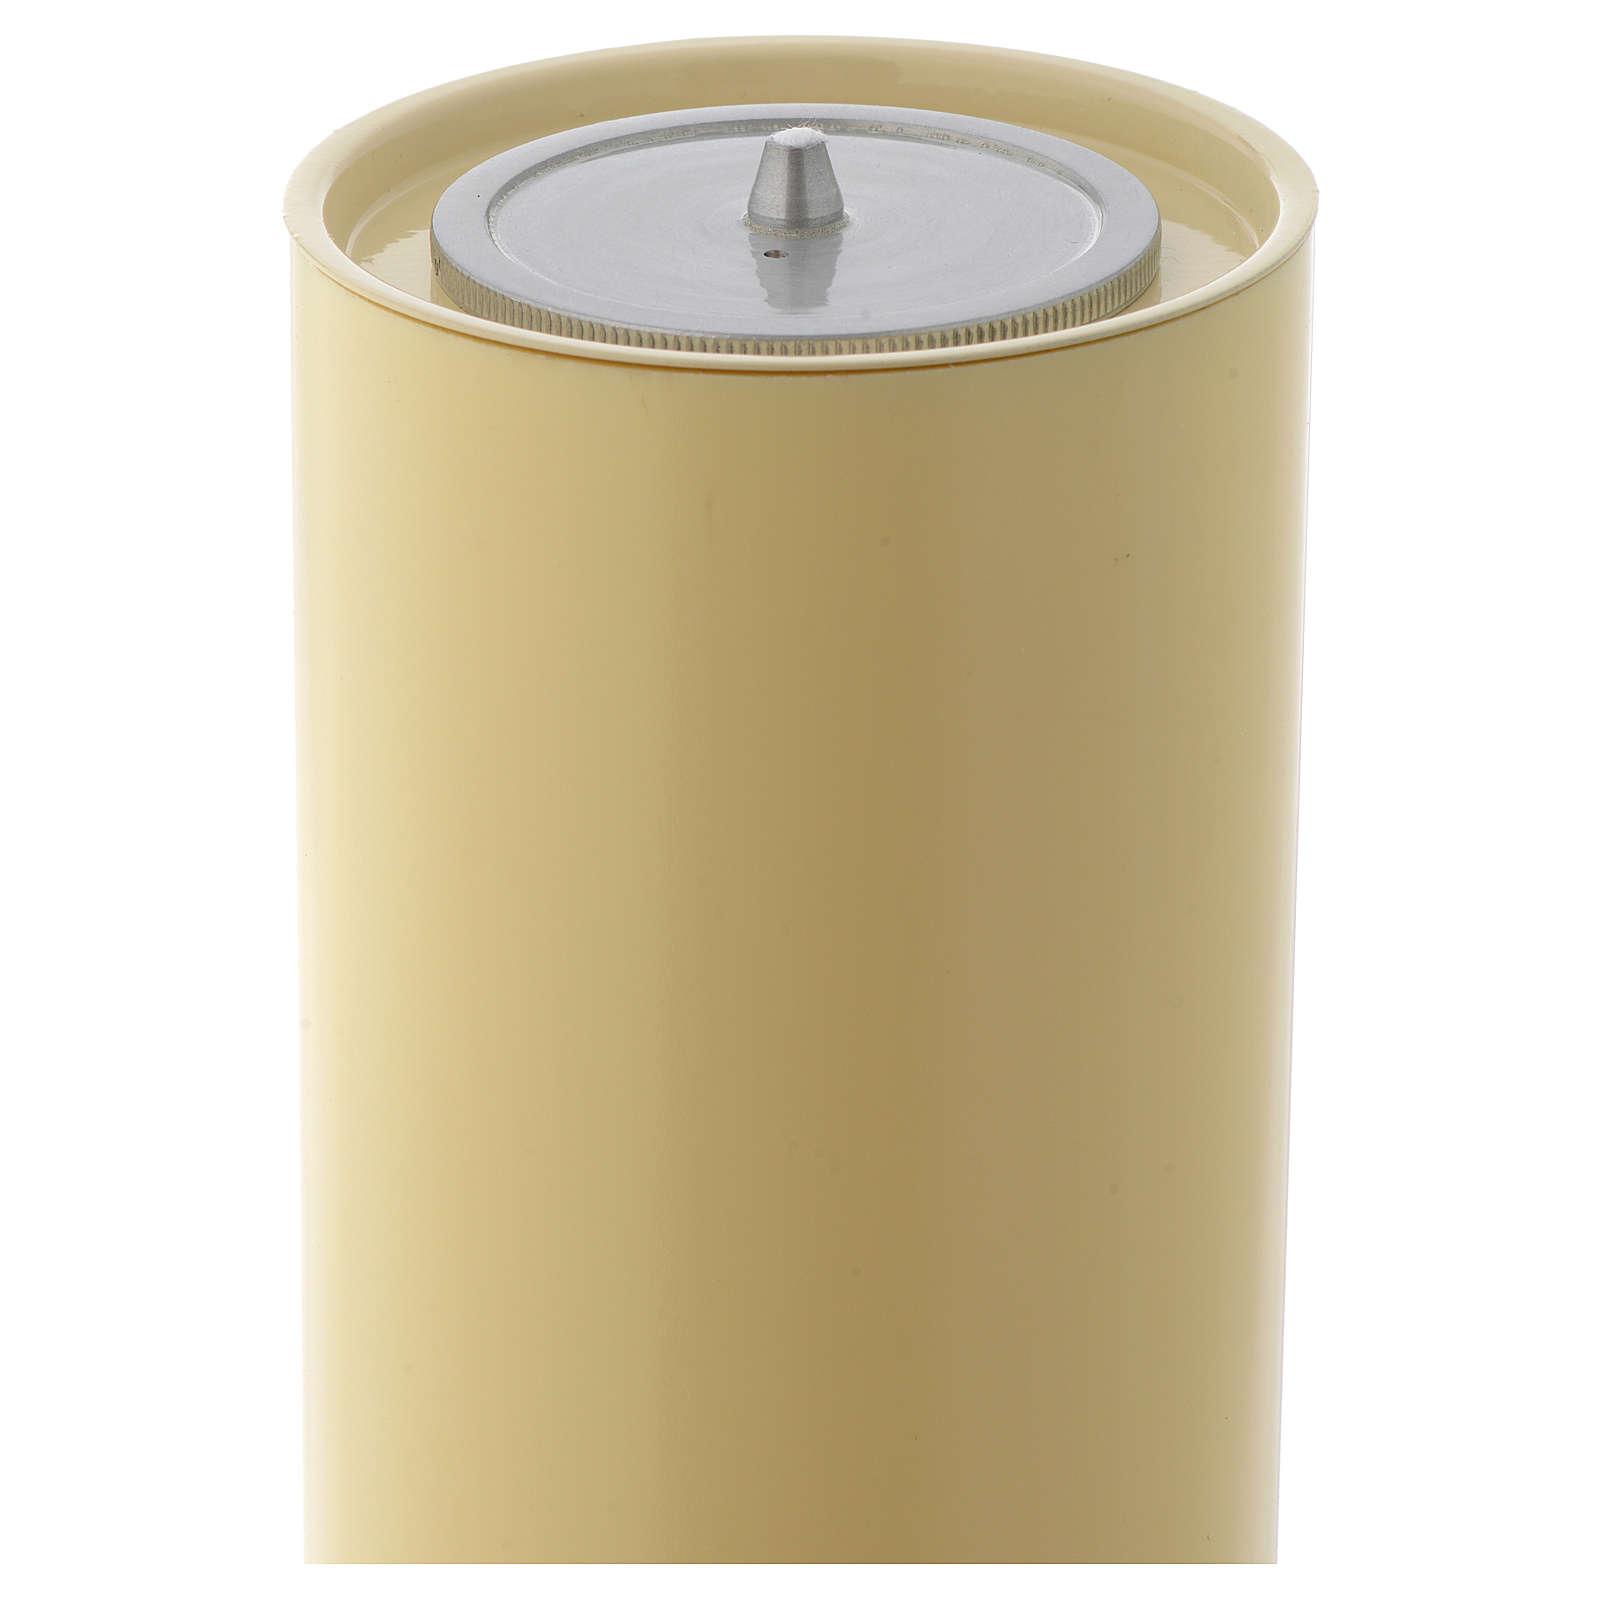 Candelieri ottone base lavorata 4